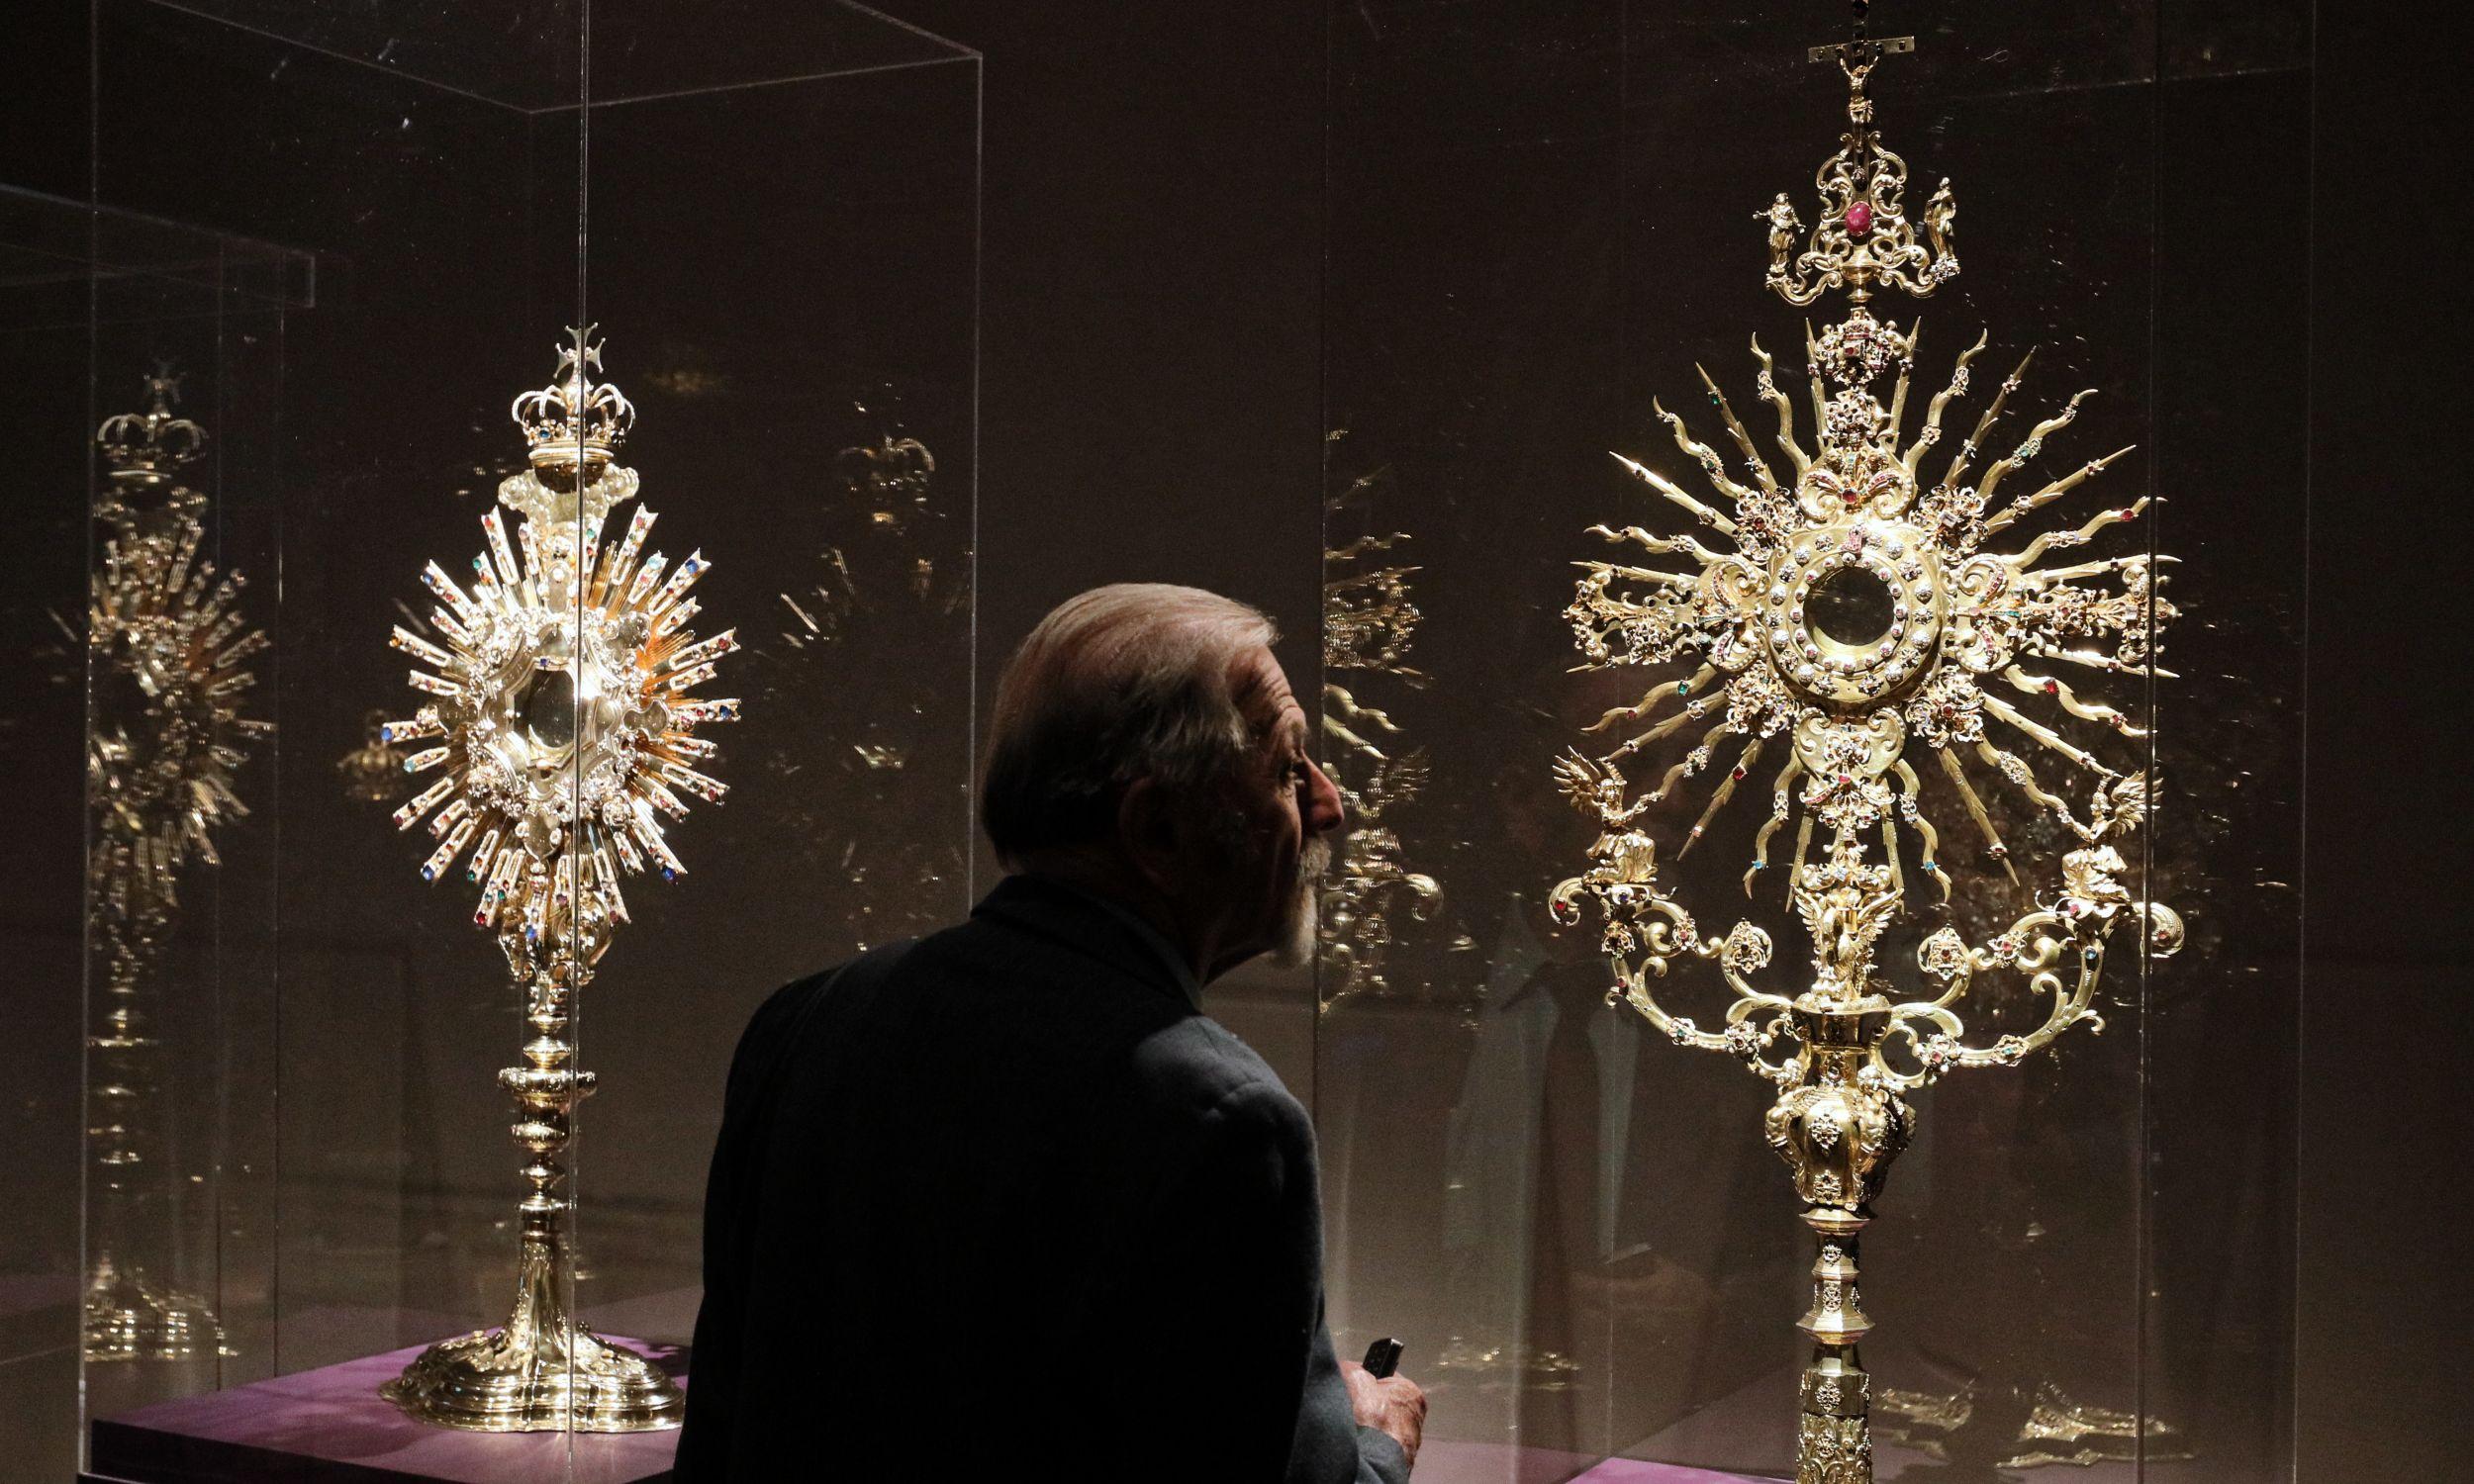 Najbogatszymi zbiorami może poszczycić się klasztor na Jasnej Górze. Fot. PAP/Paweł Supernak